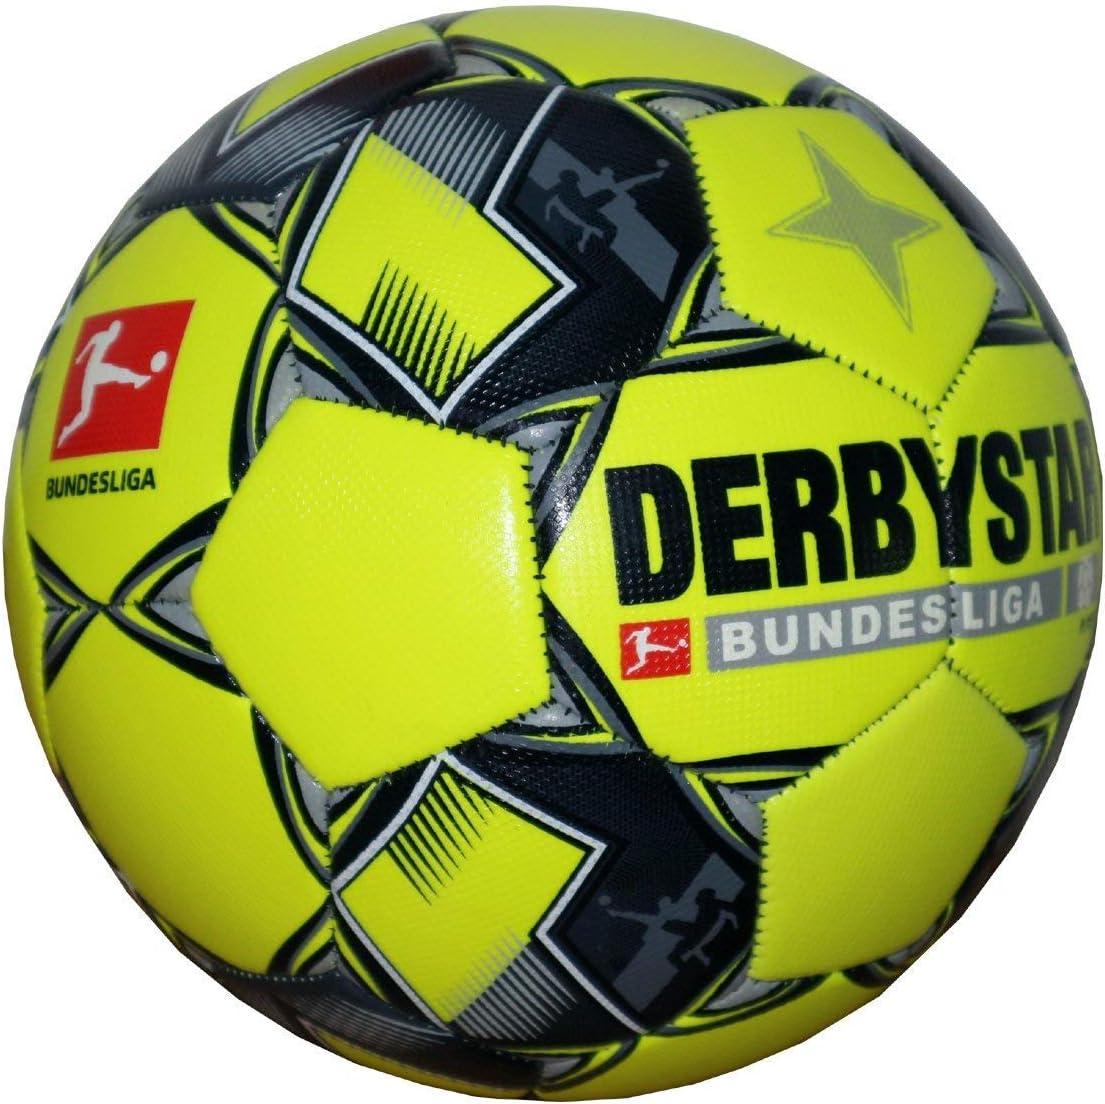 Derbystar Bundesliga - Balón de fútbol para Jugador de Bundesliga ...